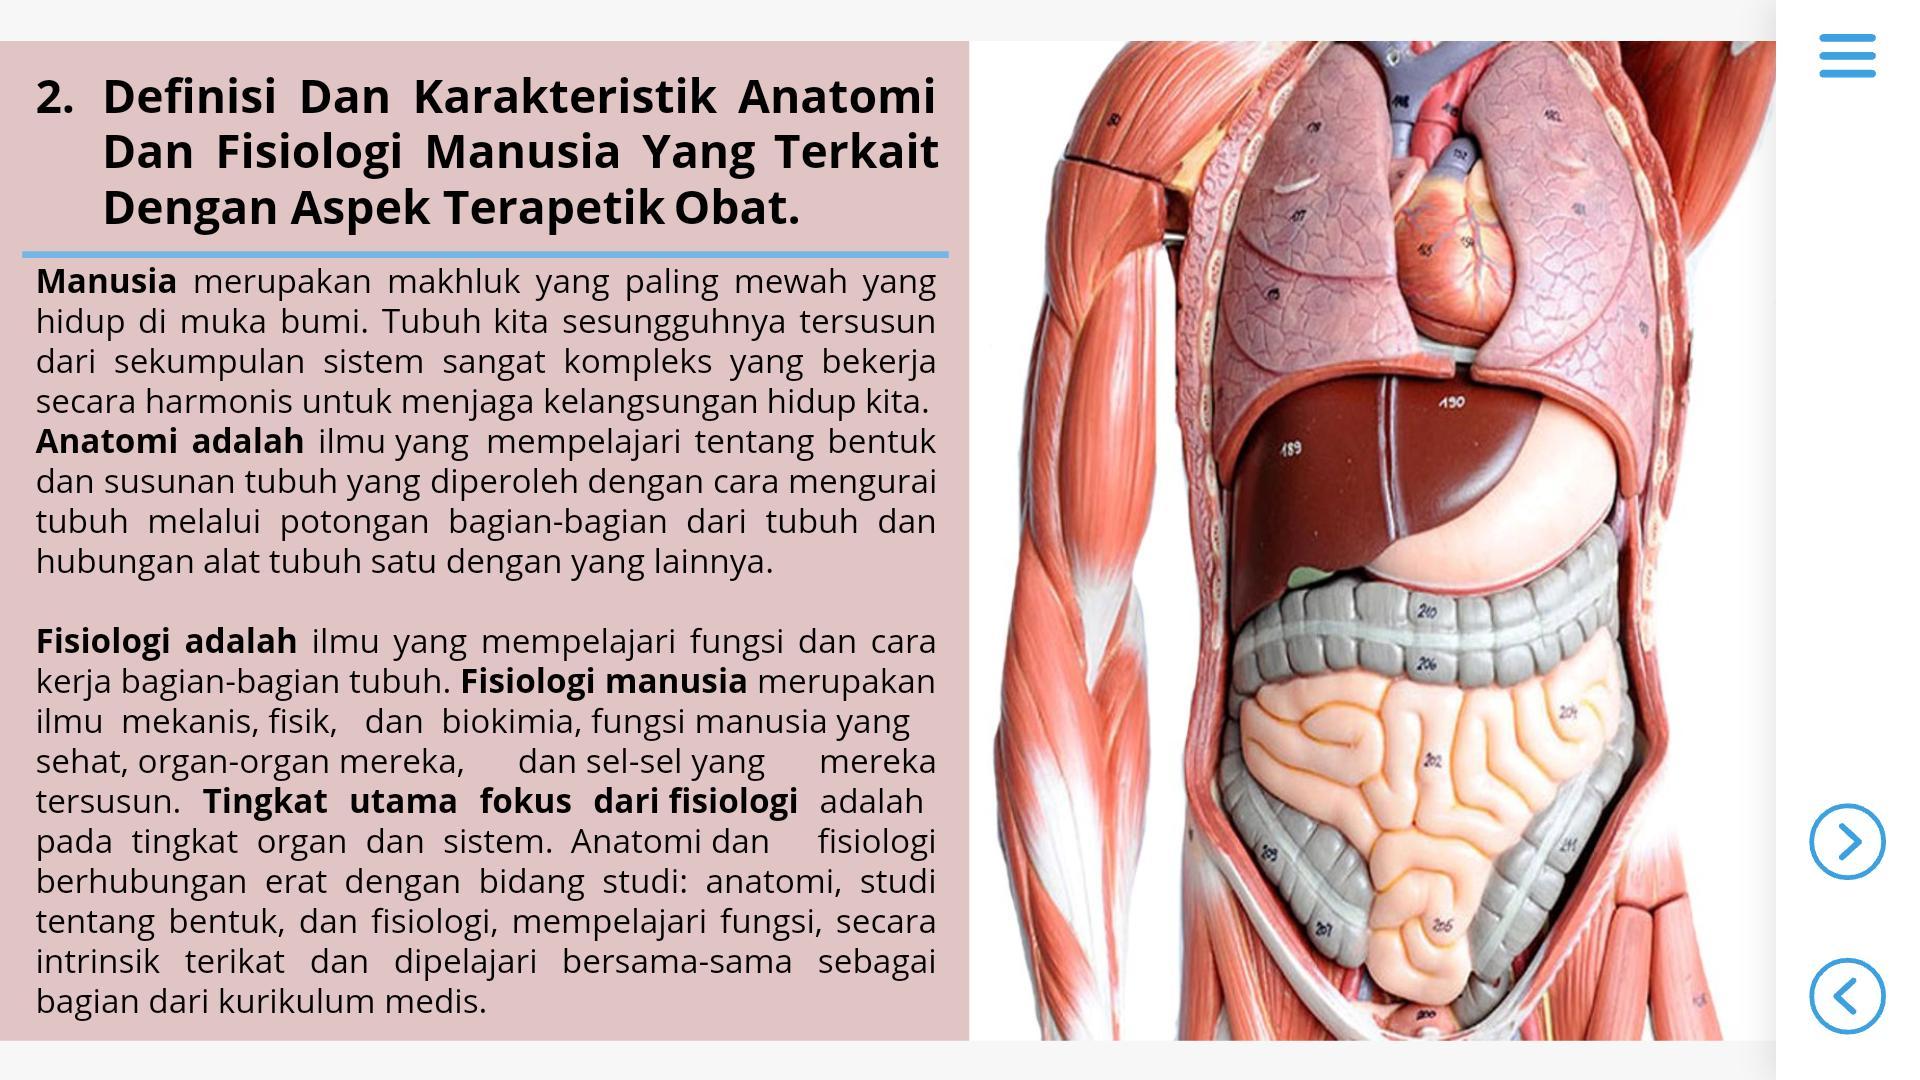 M3 Kefarmasian Anatomi Fisiologi Manusia For Android Apk Download